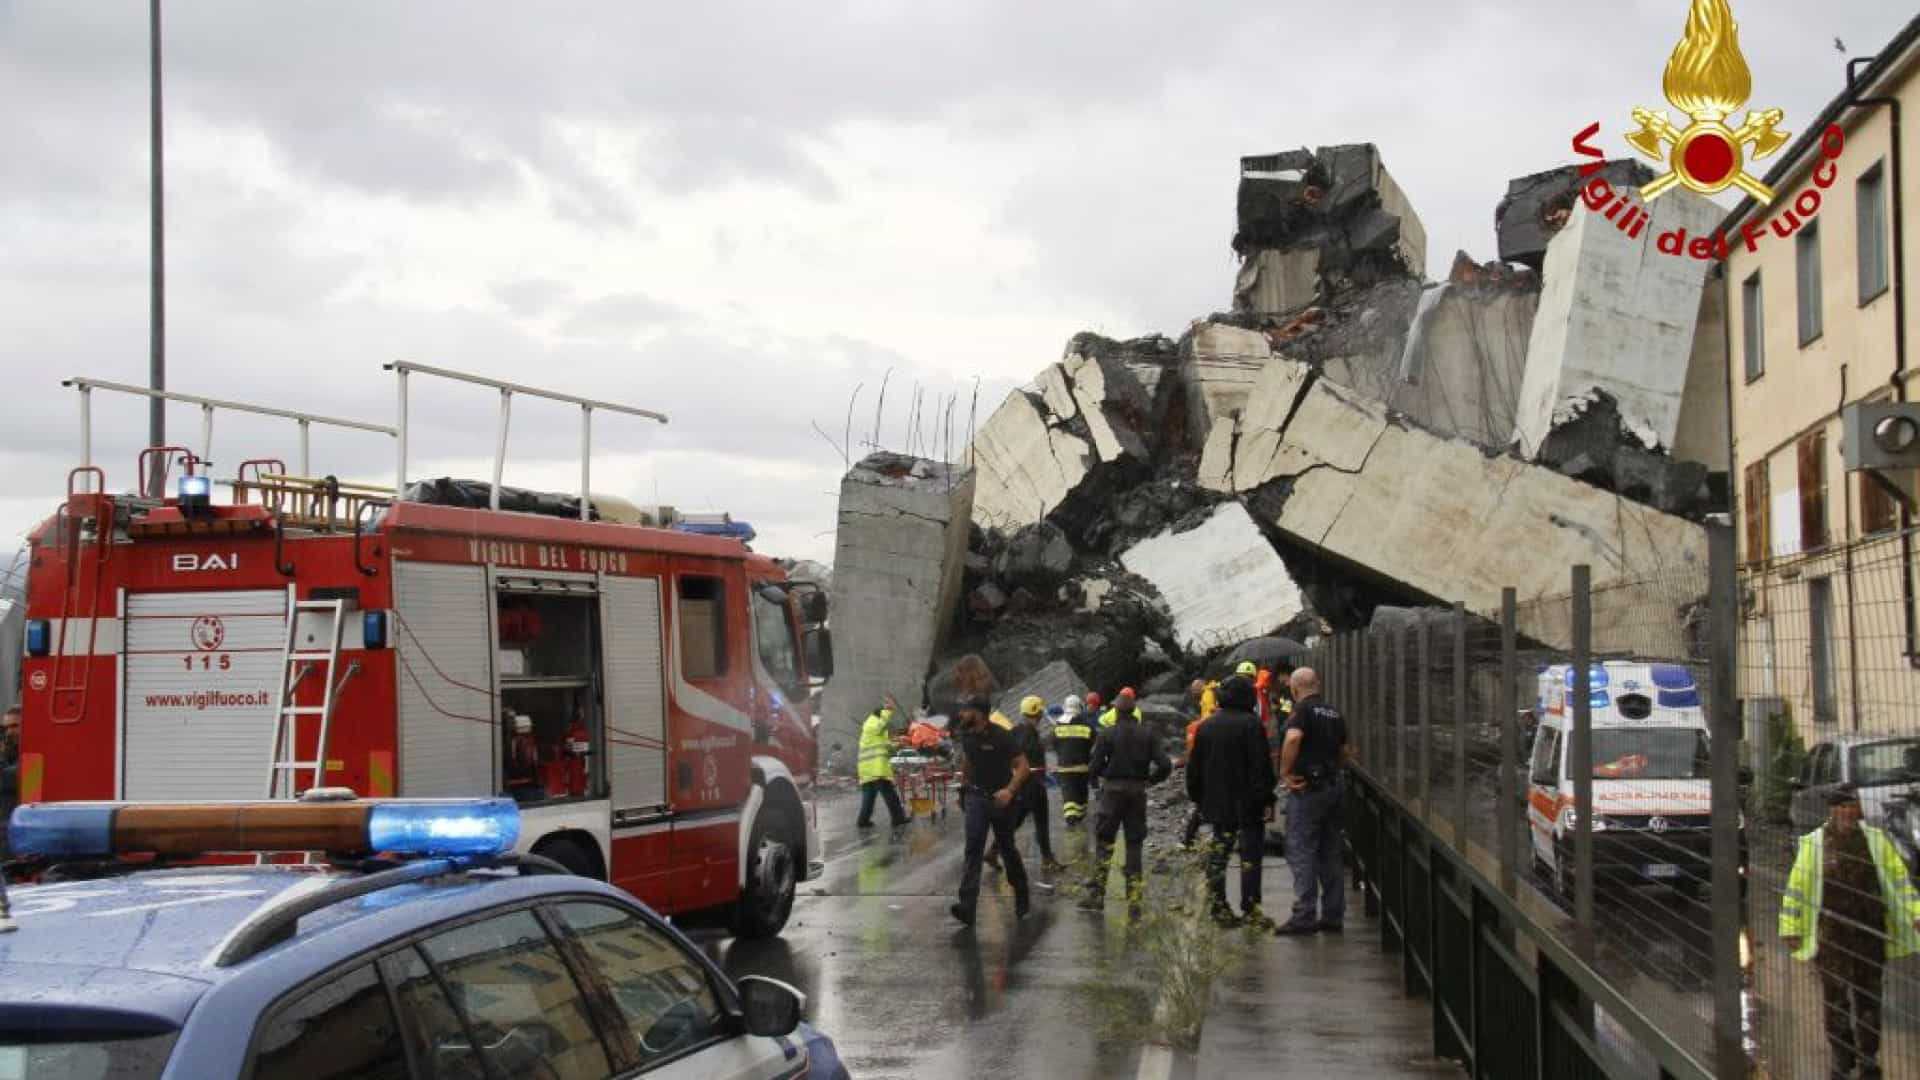 Génova: Número de mortos após queda de ponte sobe para 35